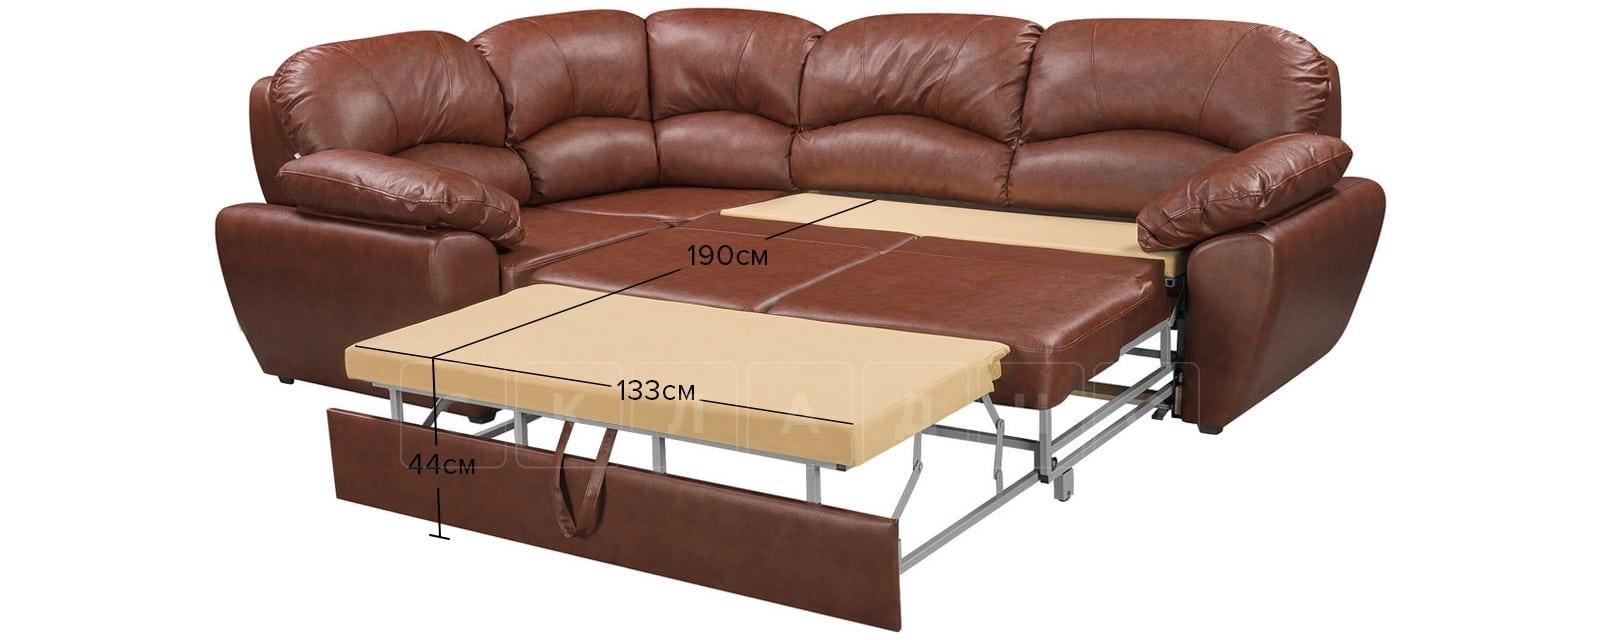 Угловой диван Эвита кожаный коричневый левый угол фото 12   интернет-магазин Складно